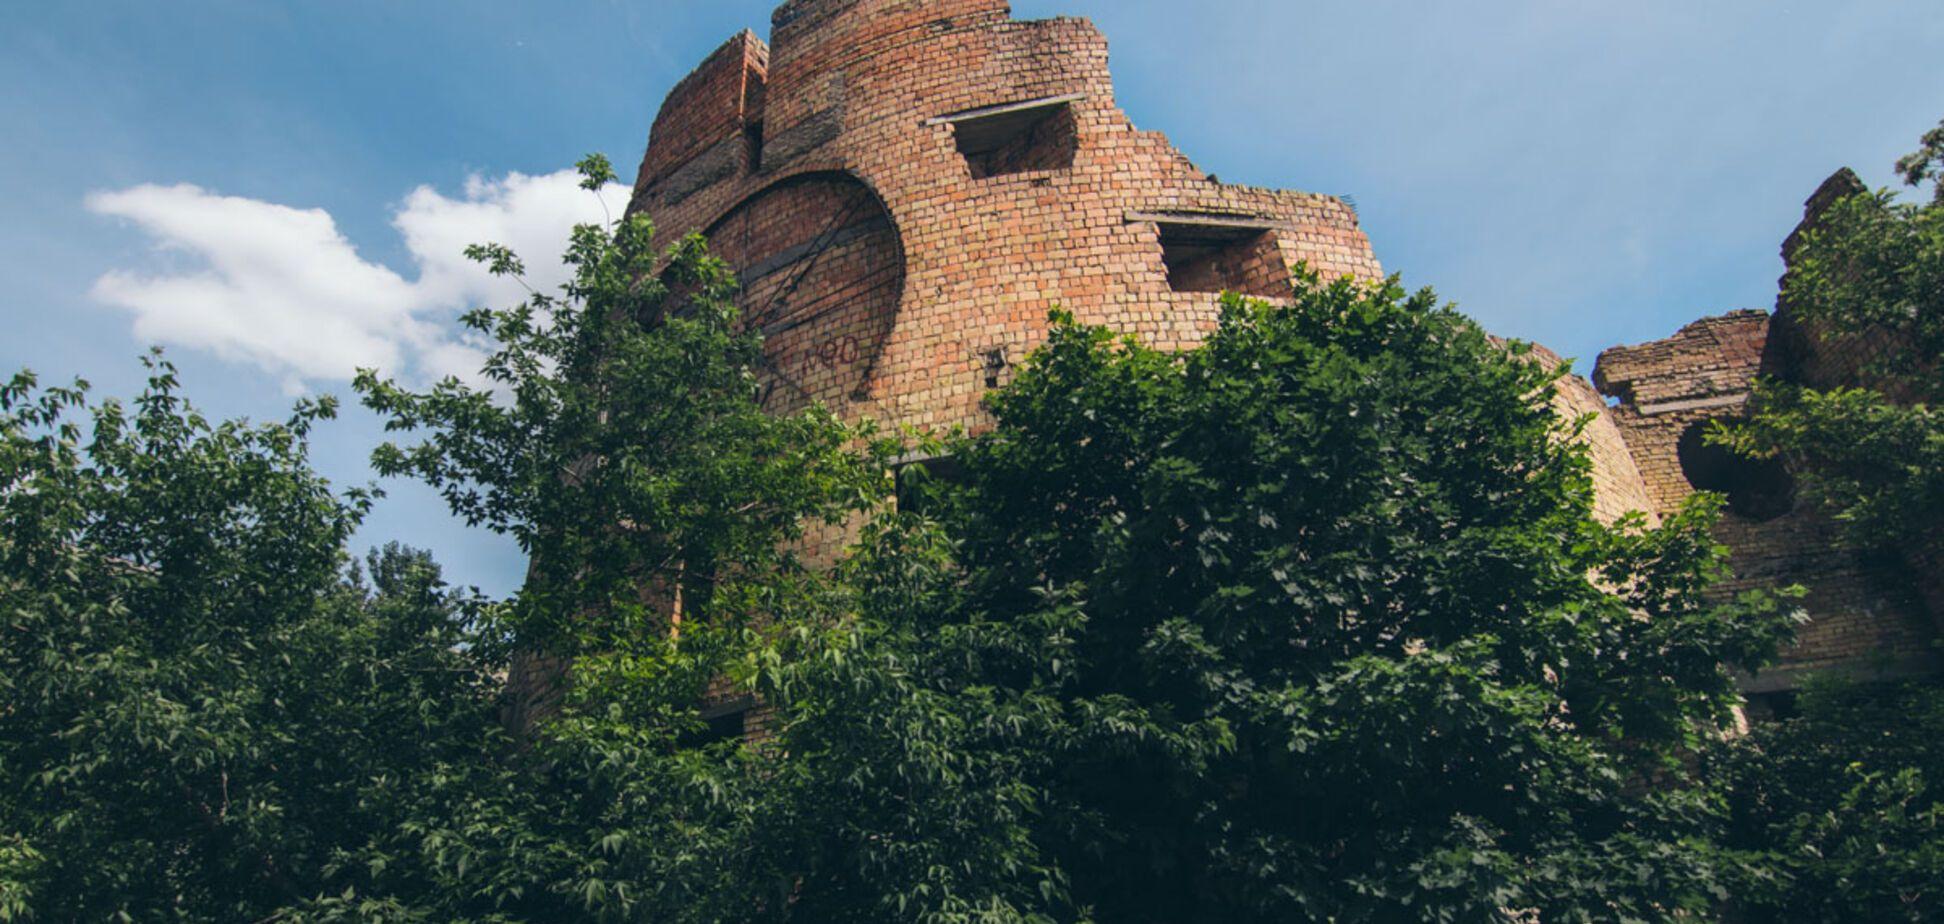 Атмосферный недострой: как выглядит 'Вавилонская башня' в Киеве